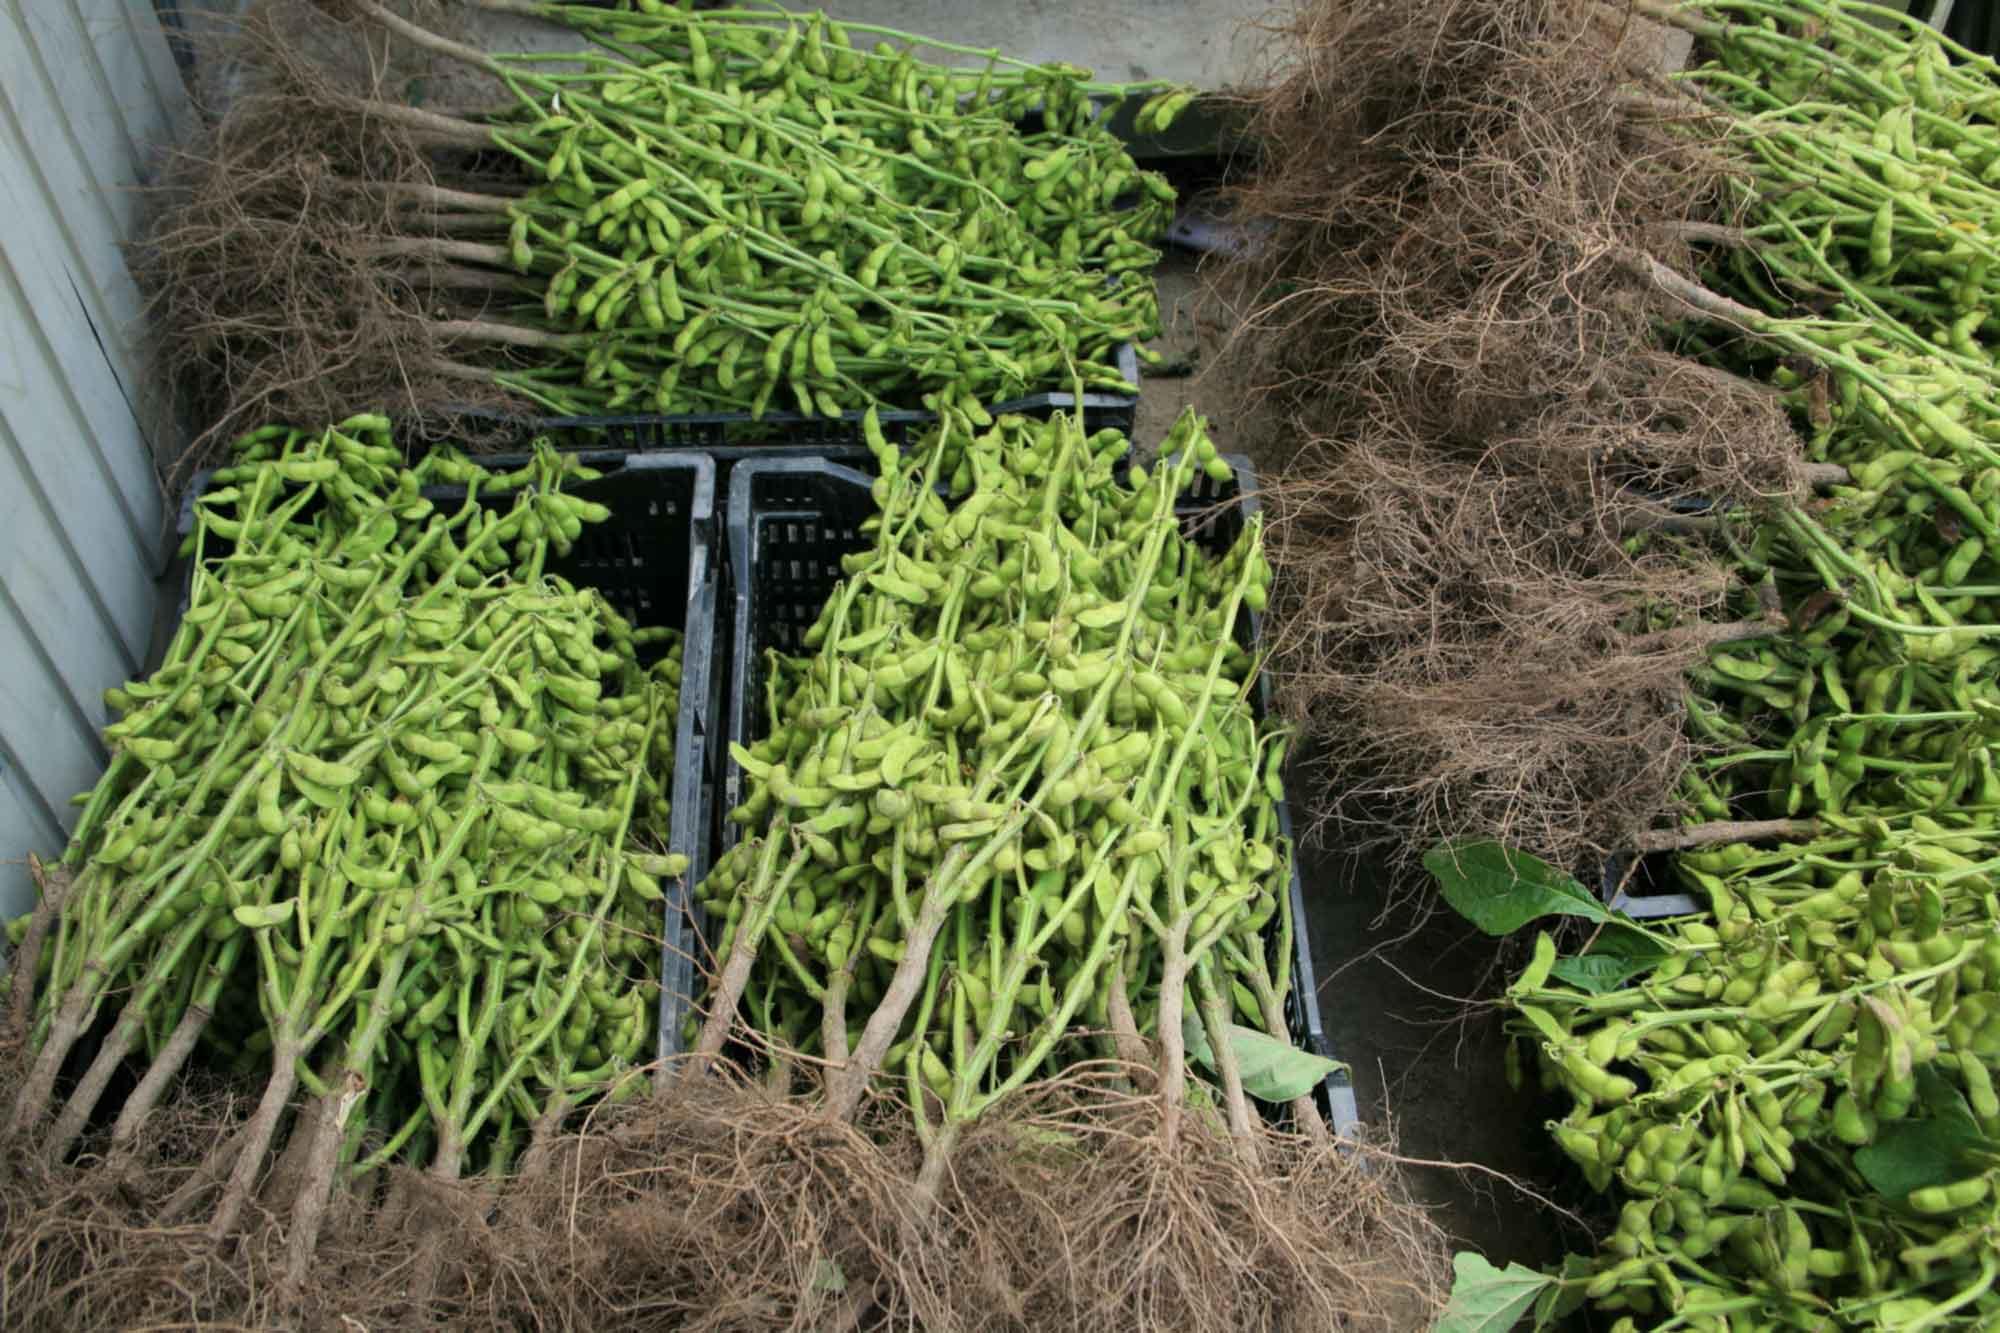 山形県アンテナショップおいしい山形 素材を訪ねて|だだちゃ豆:                 生産者たちが「木」と呼ぶ、だだちゃ豆の枝。この枝付きの状態での購入を希望する人も多いのだそう。